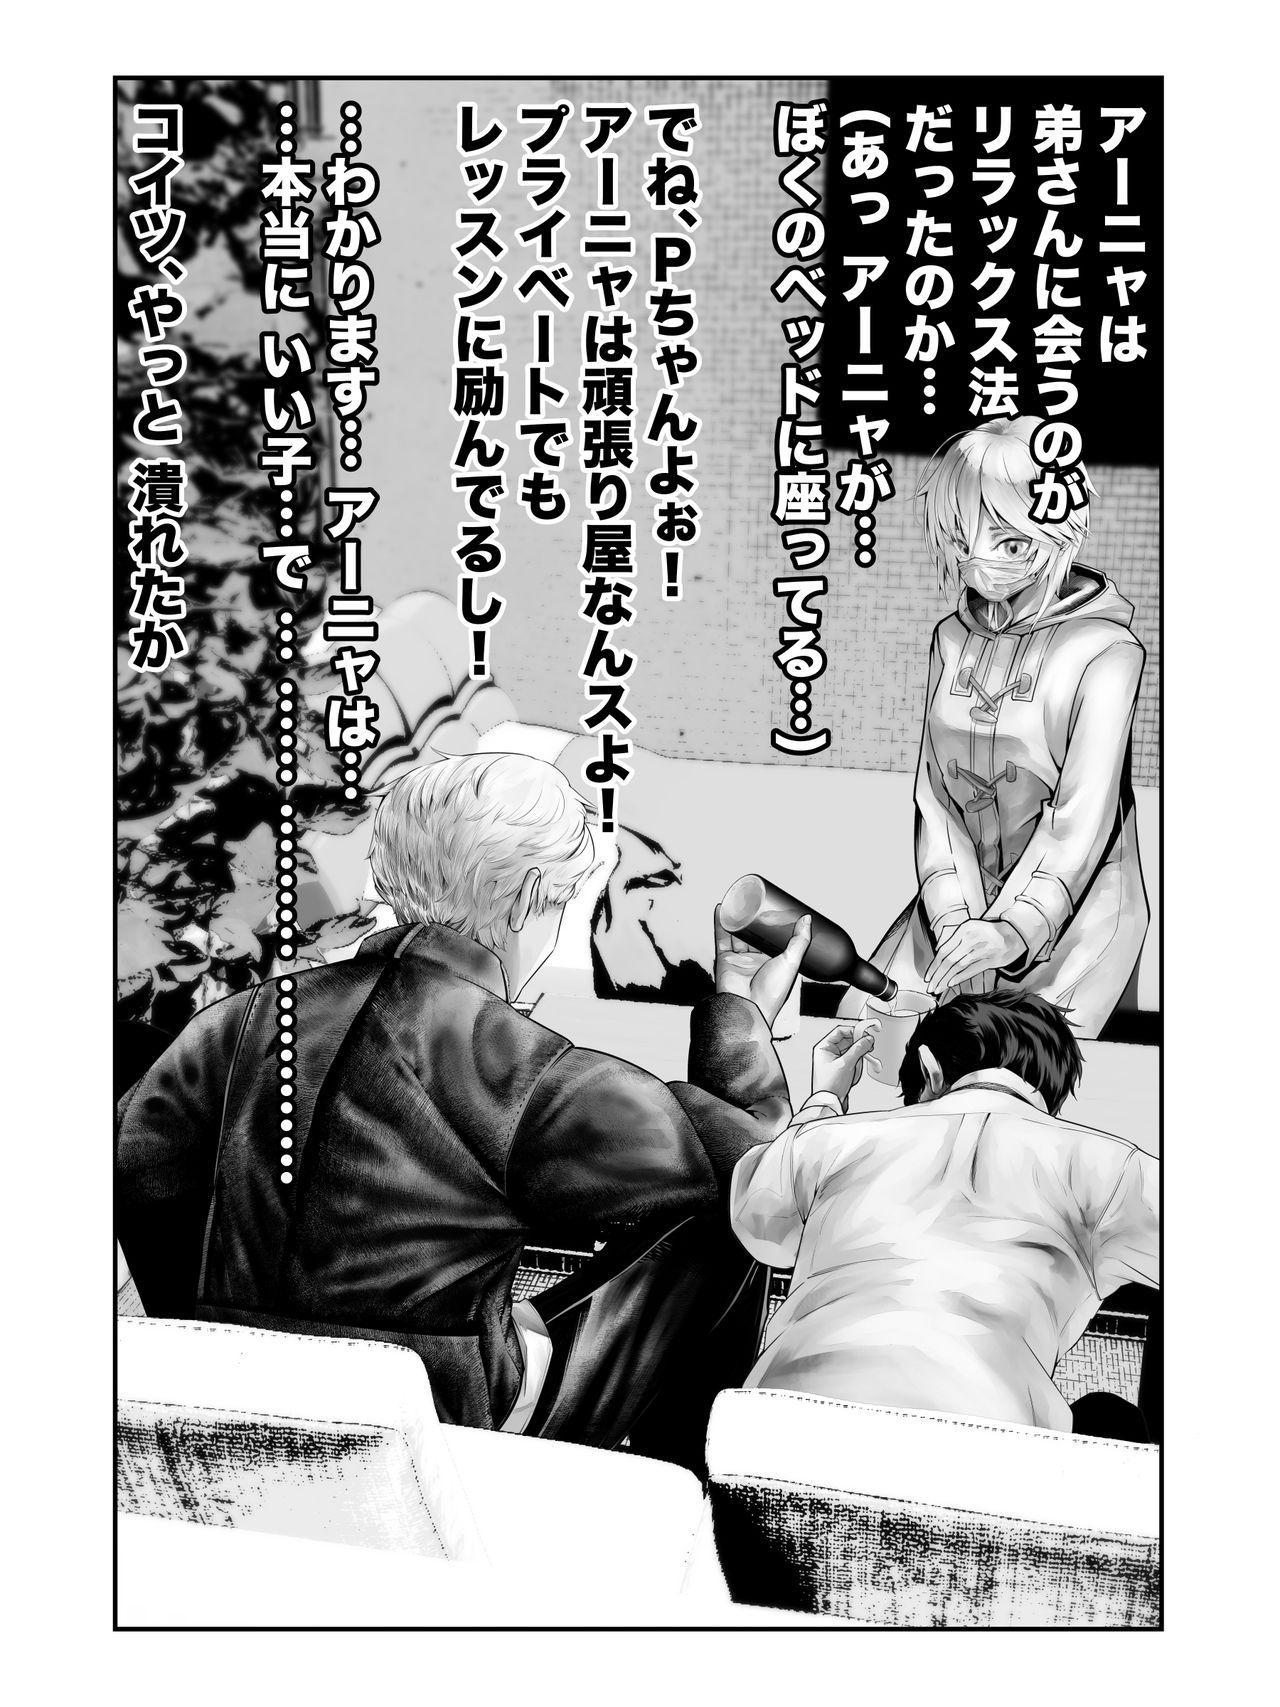 Kanzenba/P 「Sochira no kata wa…?」?「Chissu, ore otoutosu」 16